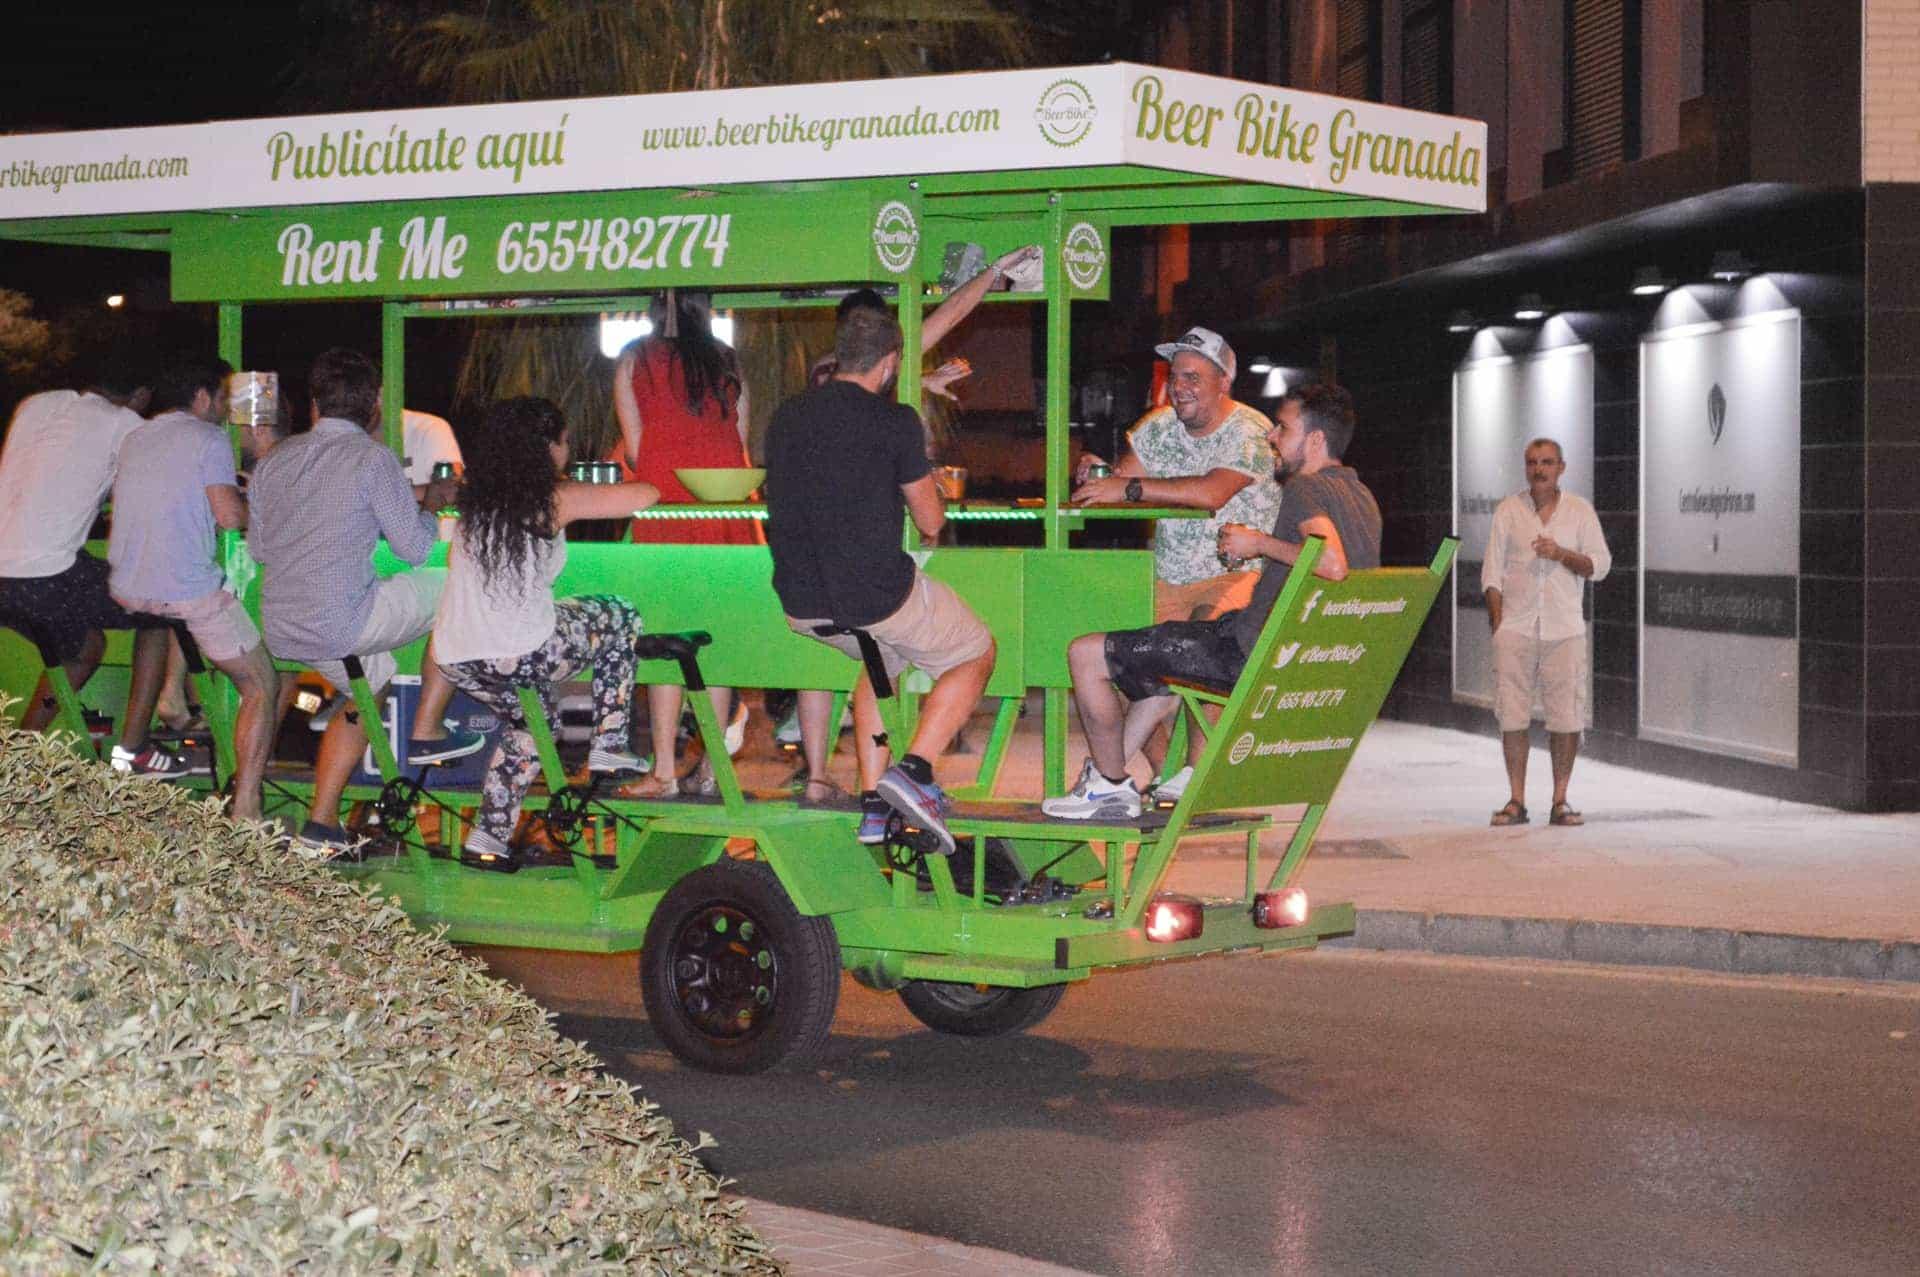 BeerBike Granada imagen 2